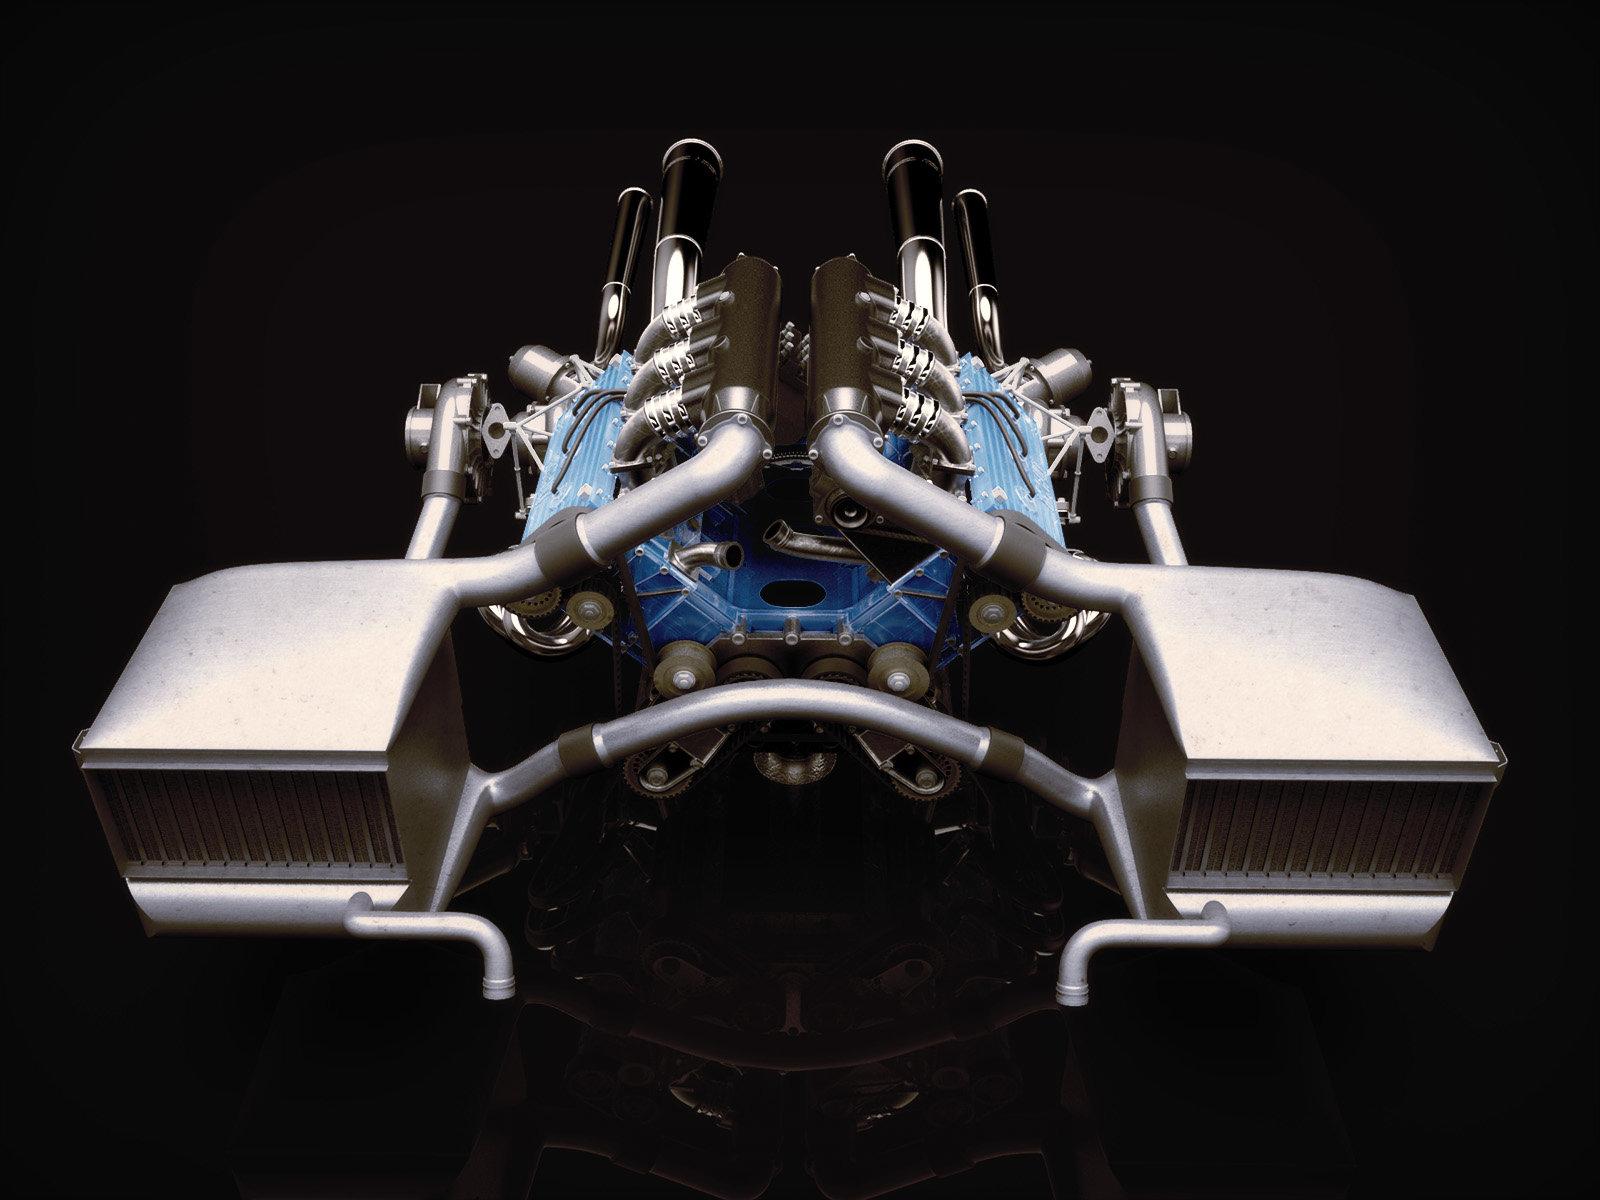 Vojtech lacina engine cam2